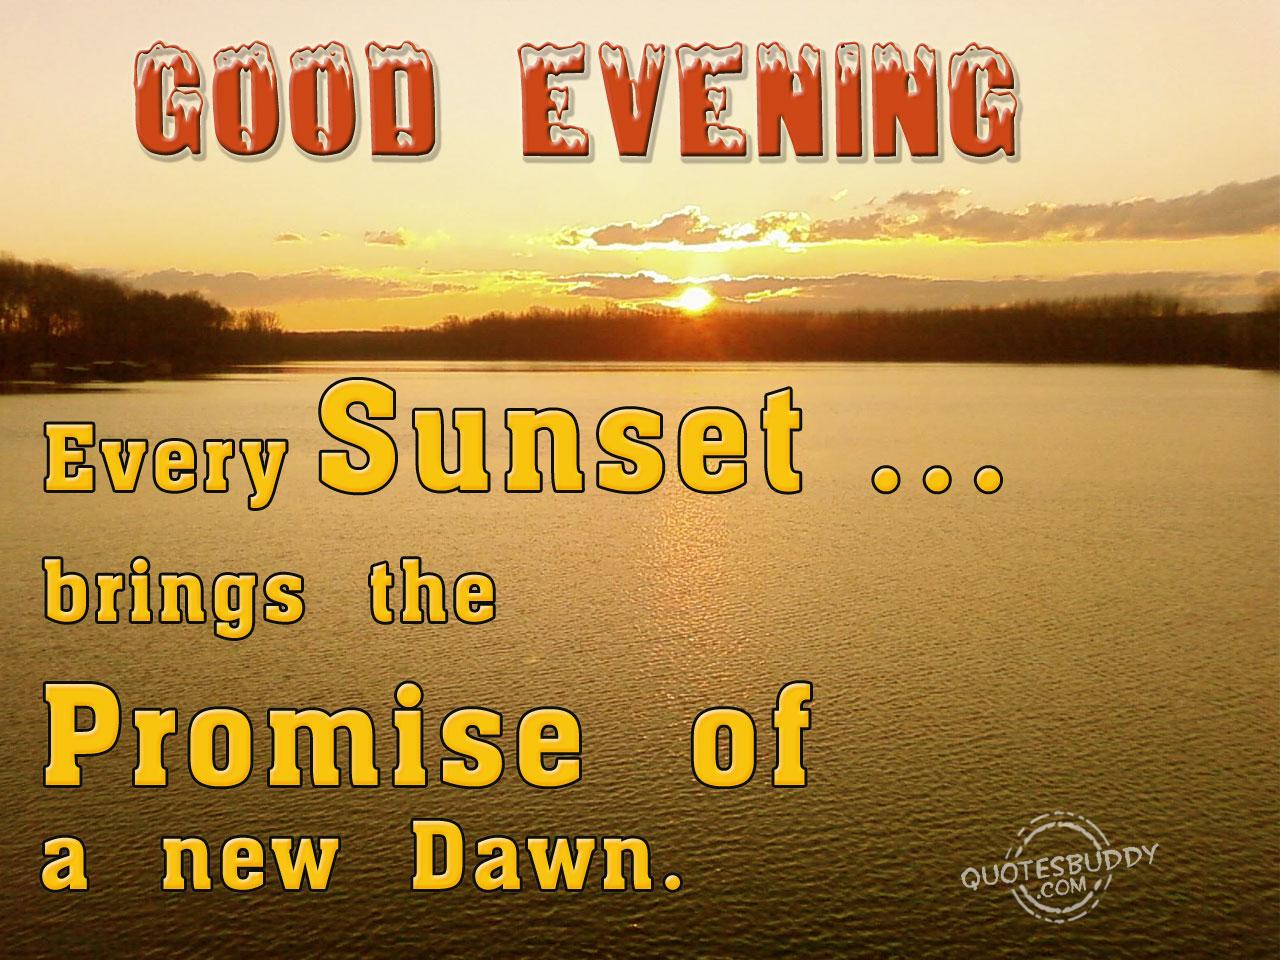 Evening quote #6